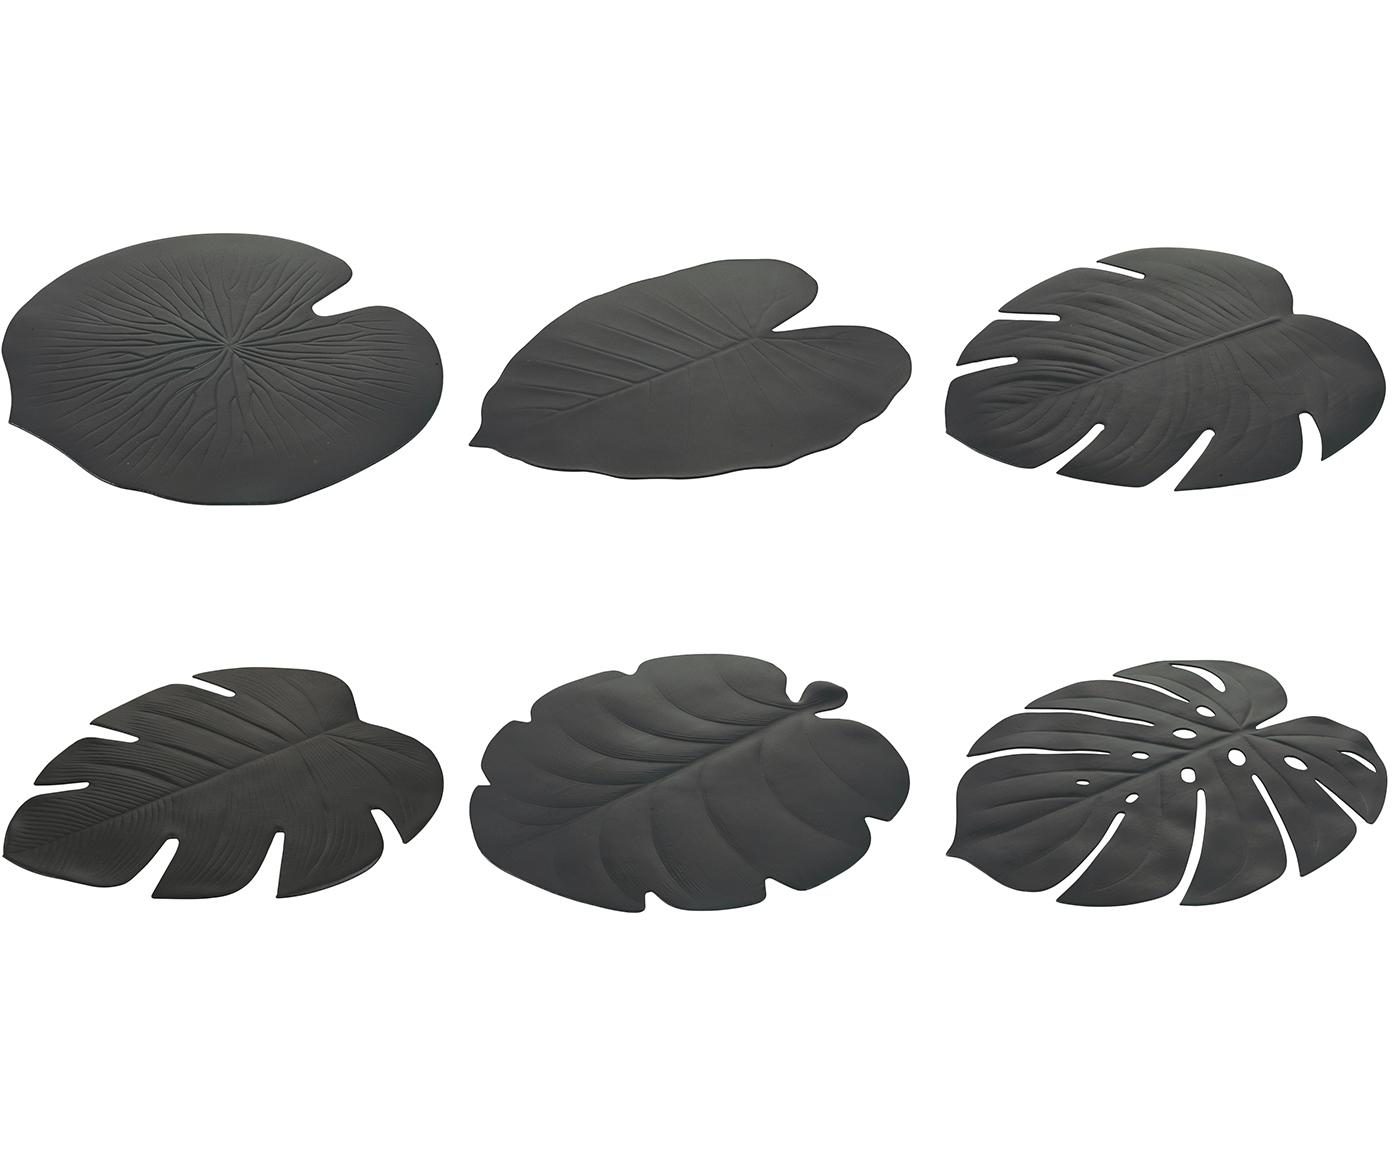 Komplet podkładek z tworzywa sztucznego Jungle, 6 elem., Tworzywo sztuczne (PCV), Czarny, S 37 x D 47 cm